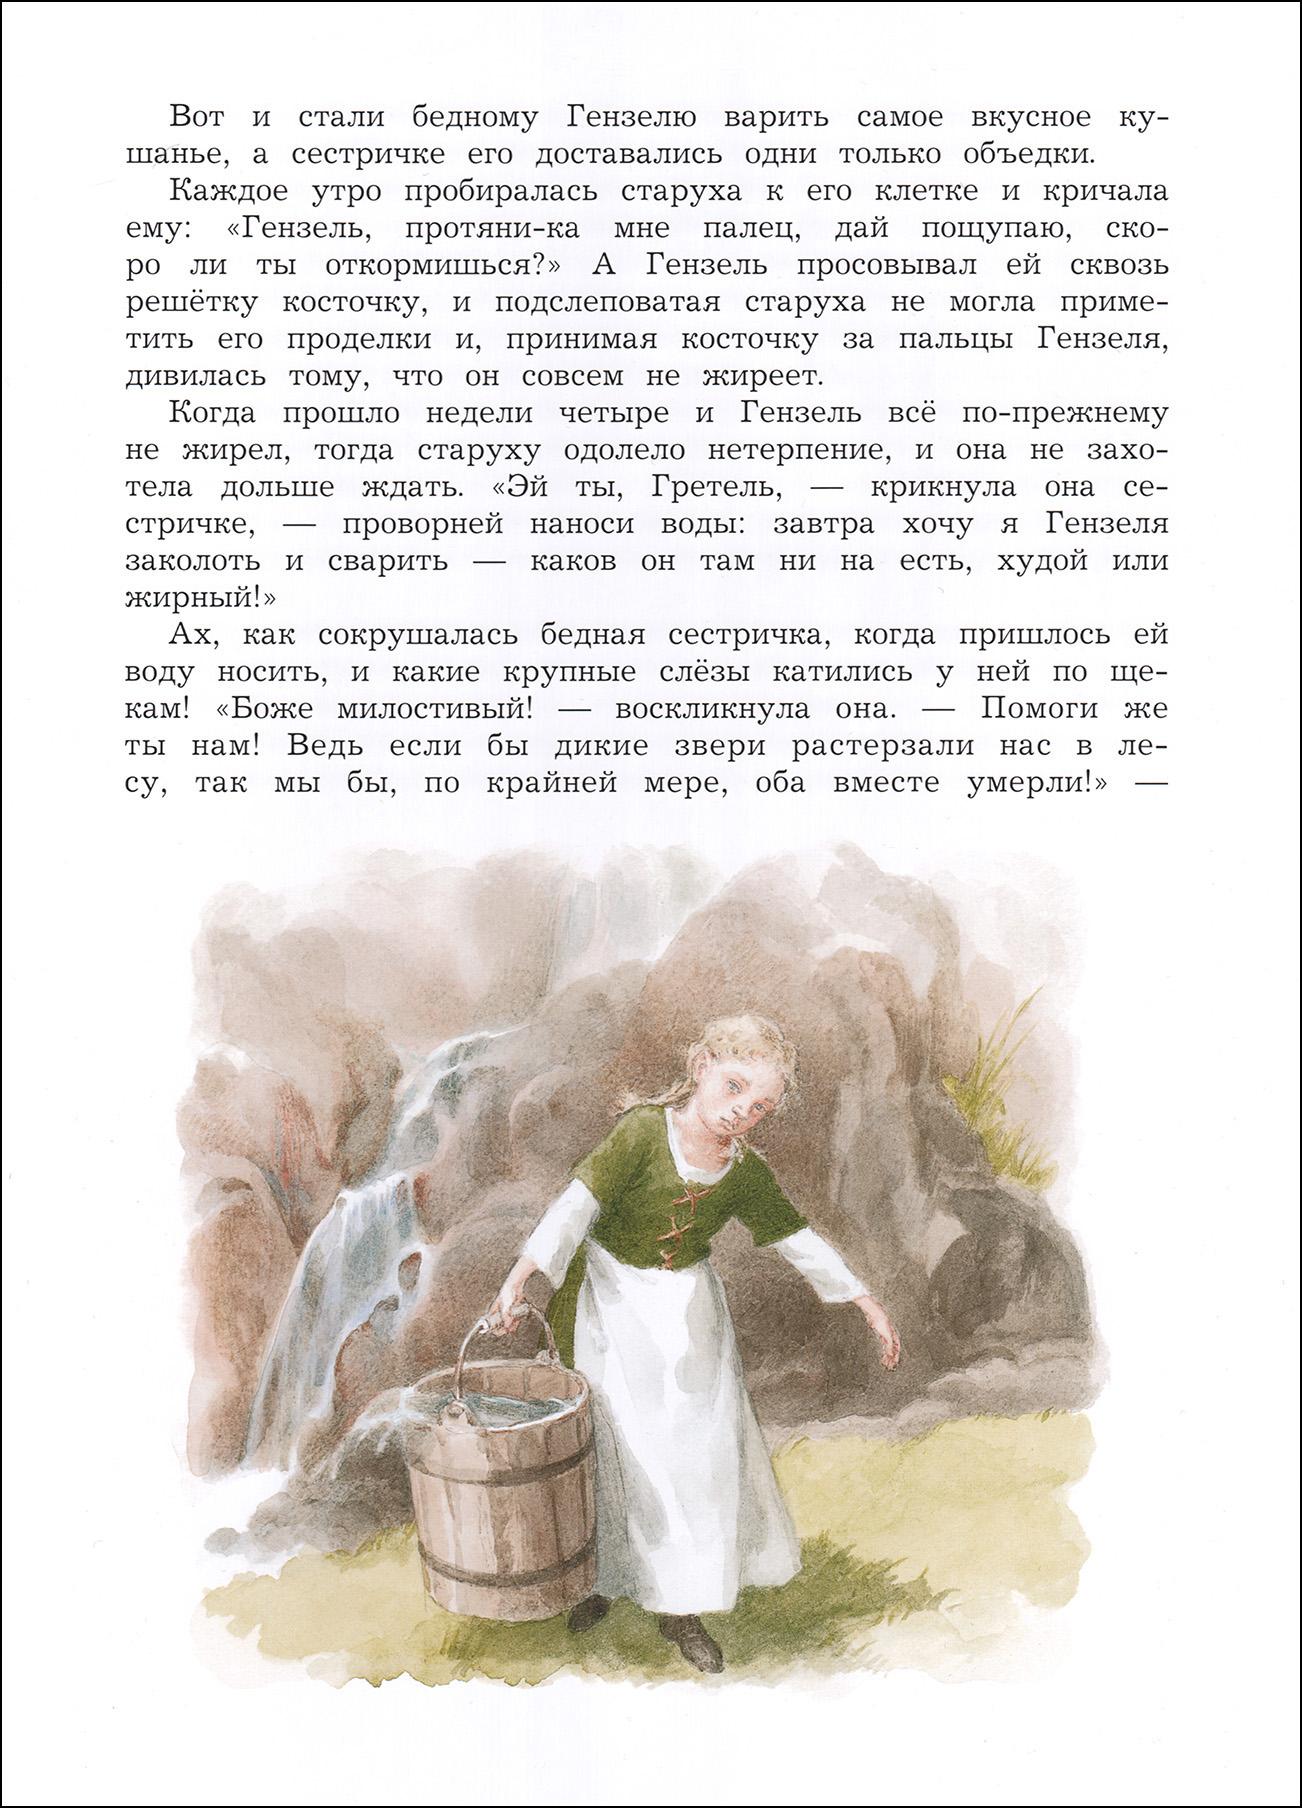 Анастасия Архипова, Гензель и Гретель